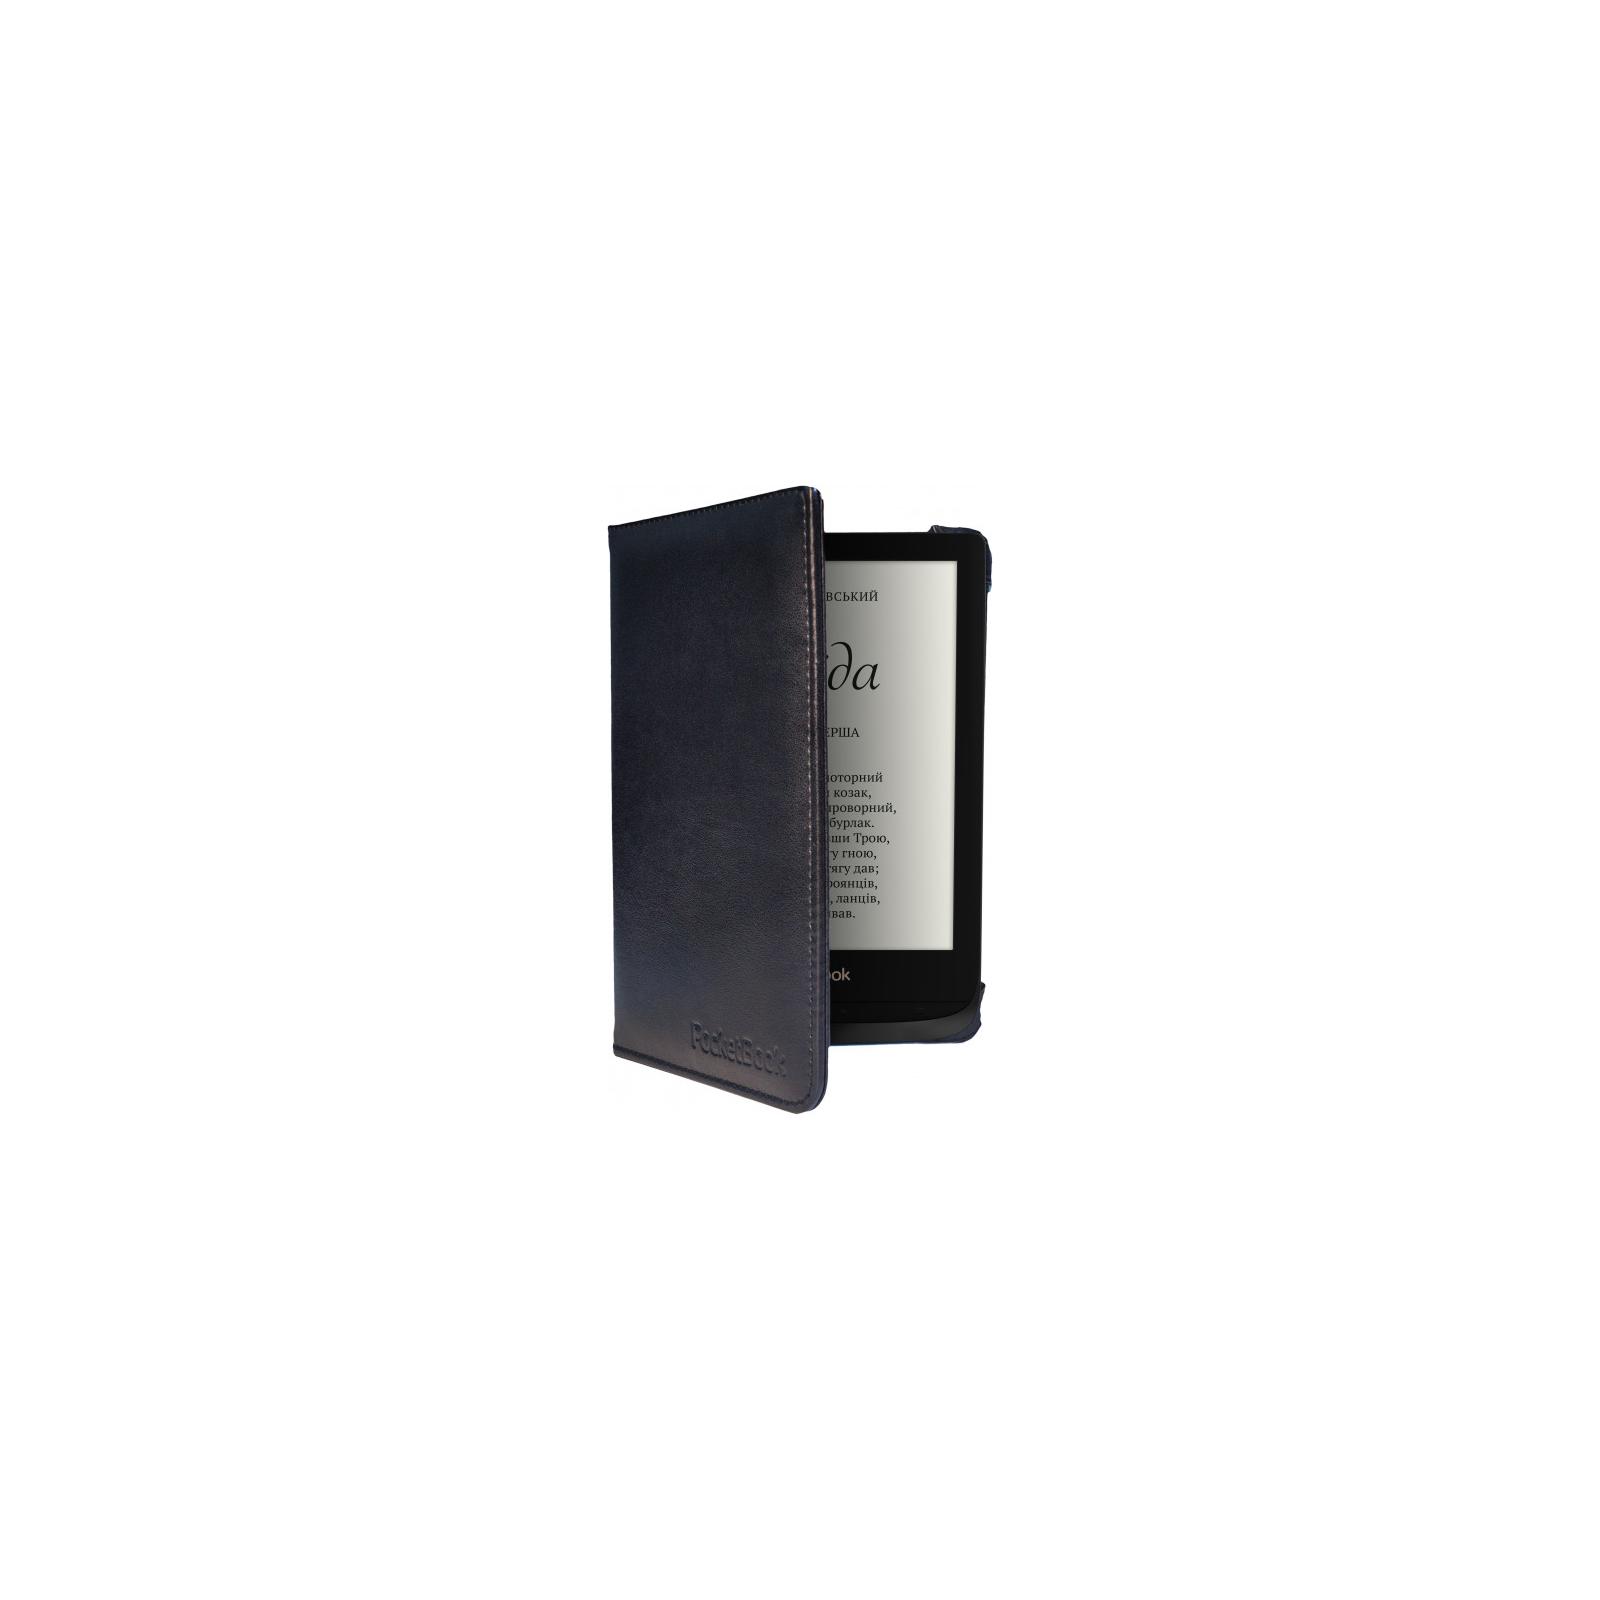 """Чехол для электронной книги Pocketbook 6"""" 616/627/632 red (VLPB-TB627RD1) изображение 2"""